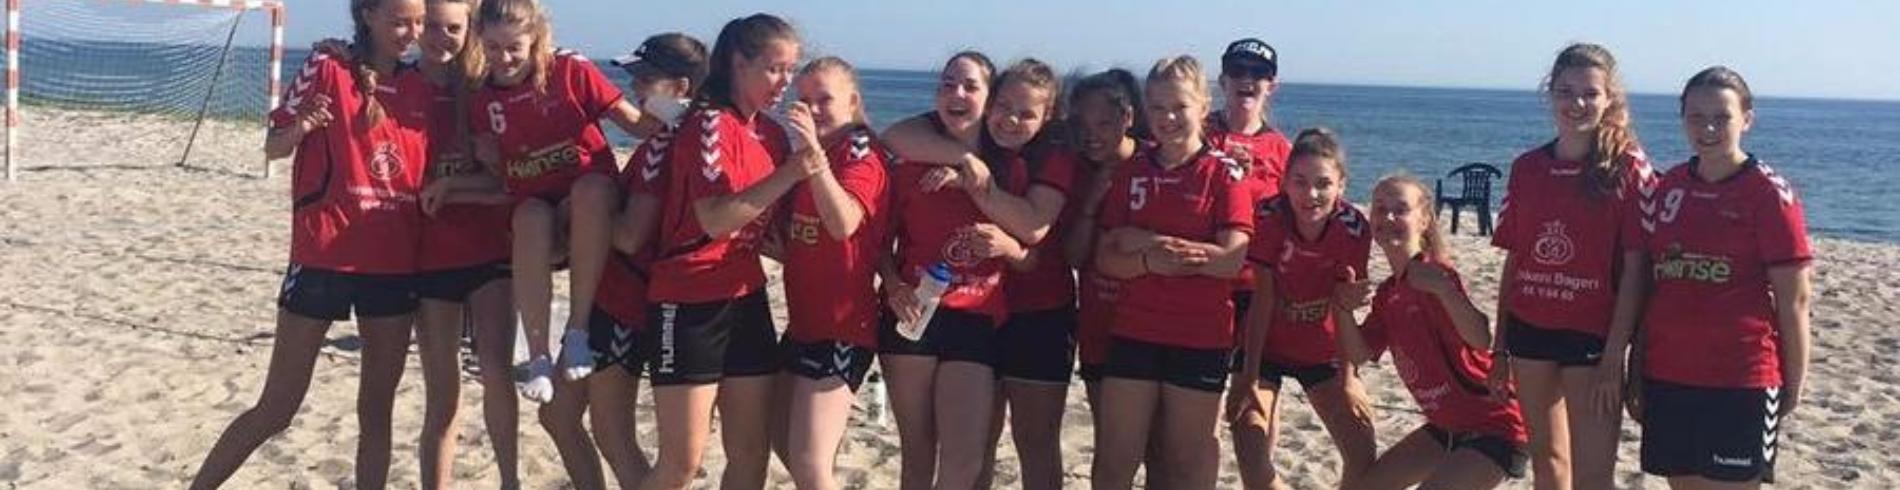 U14/U16 piger strandhåndbold 2016 cover image